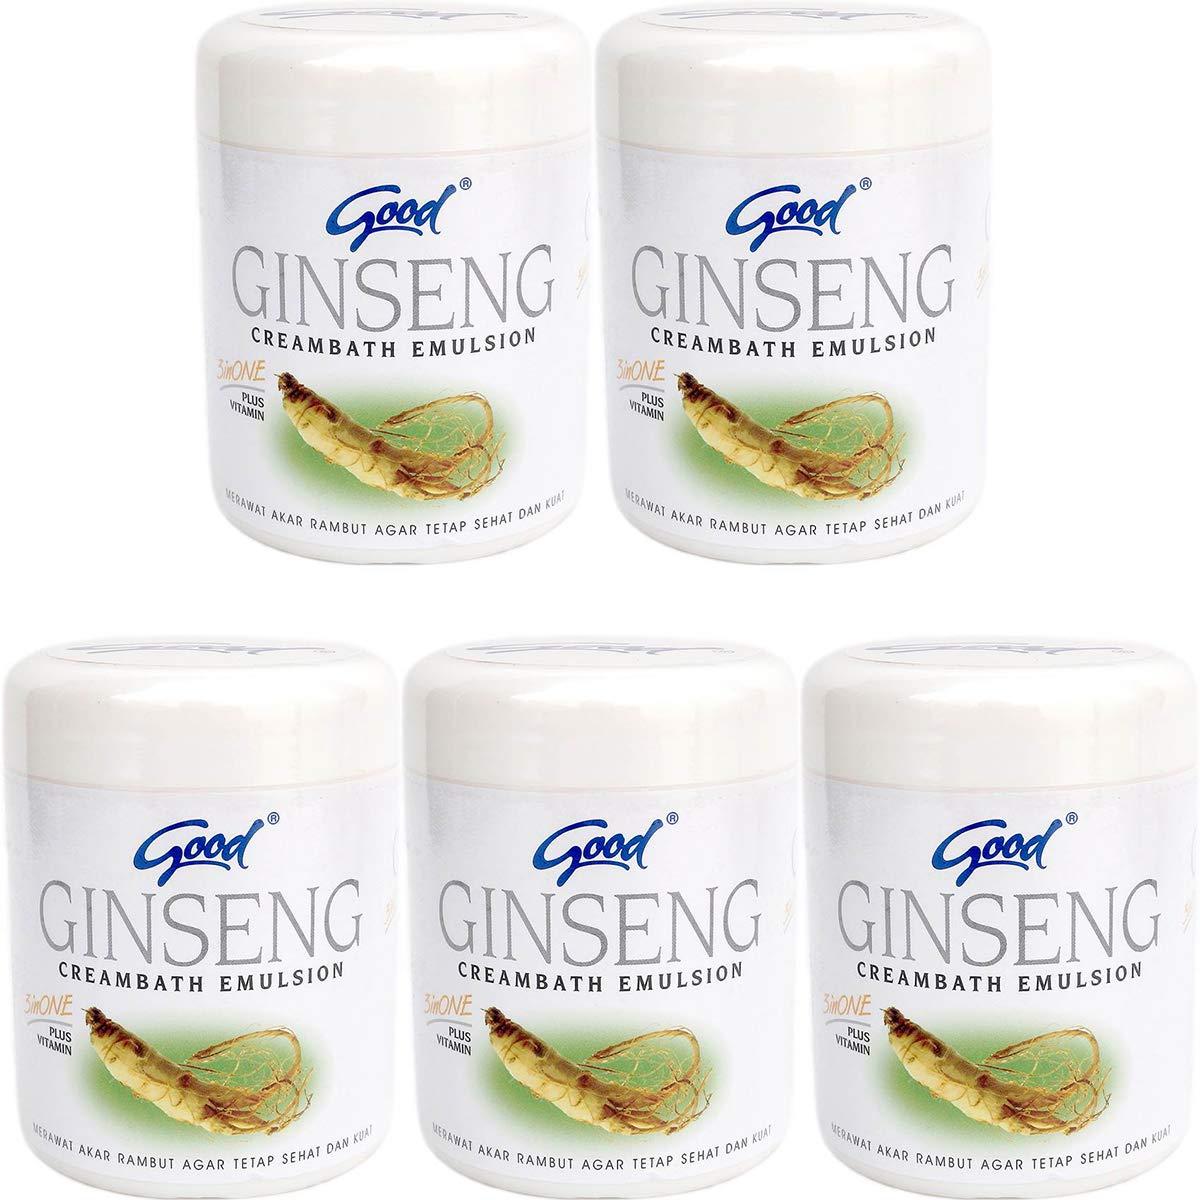 good グッド インドネシアバリ島の伝統的なヘッドスパクリーム Creambath Emulsion クリームバス エマルション 680g × 5個 Ginseng ジンセン [海外直送品] B07QWW4LJ8  Ginseng ジンセン